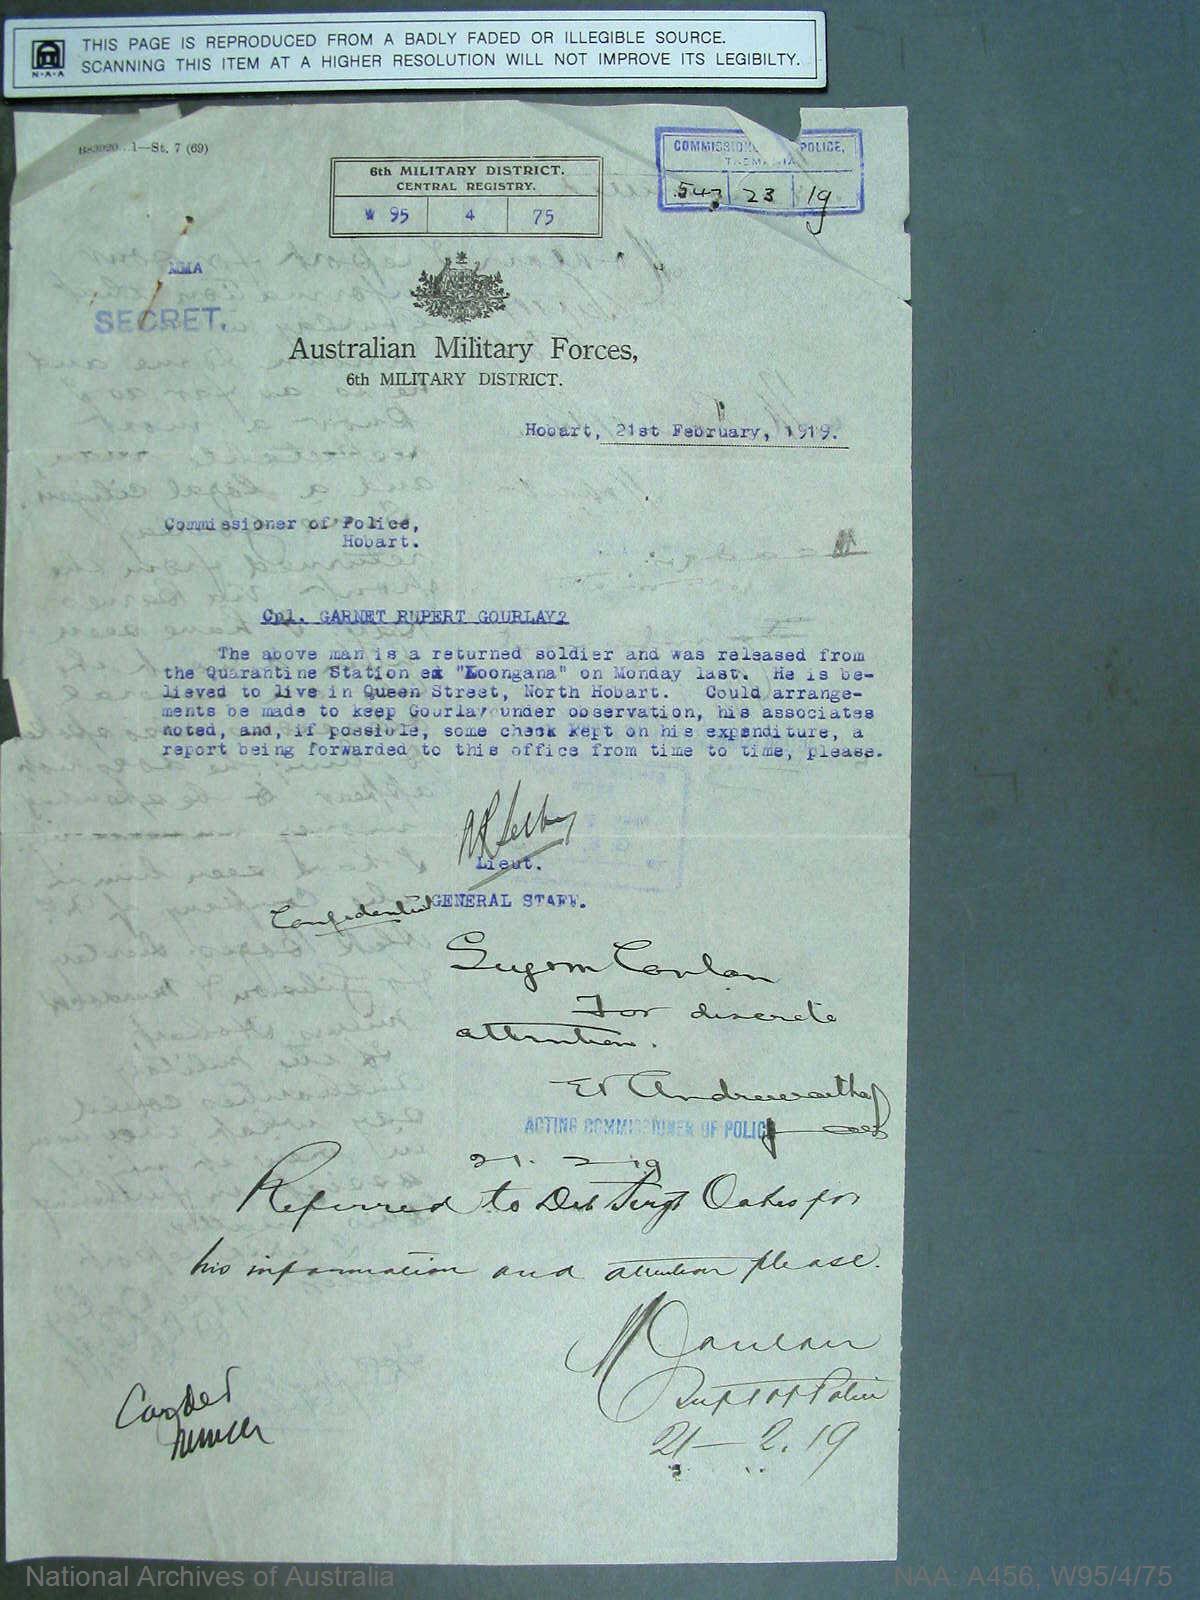 War Precautions Act. Disloyal utterance Cpl. Garnett Gourley.